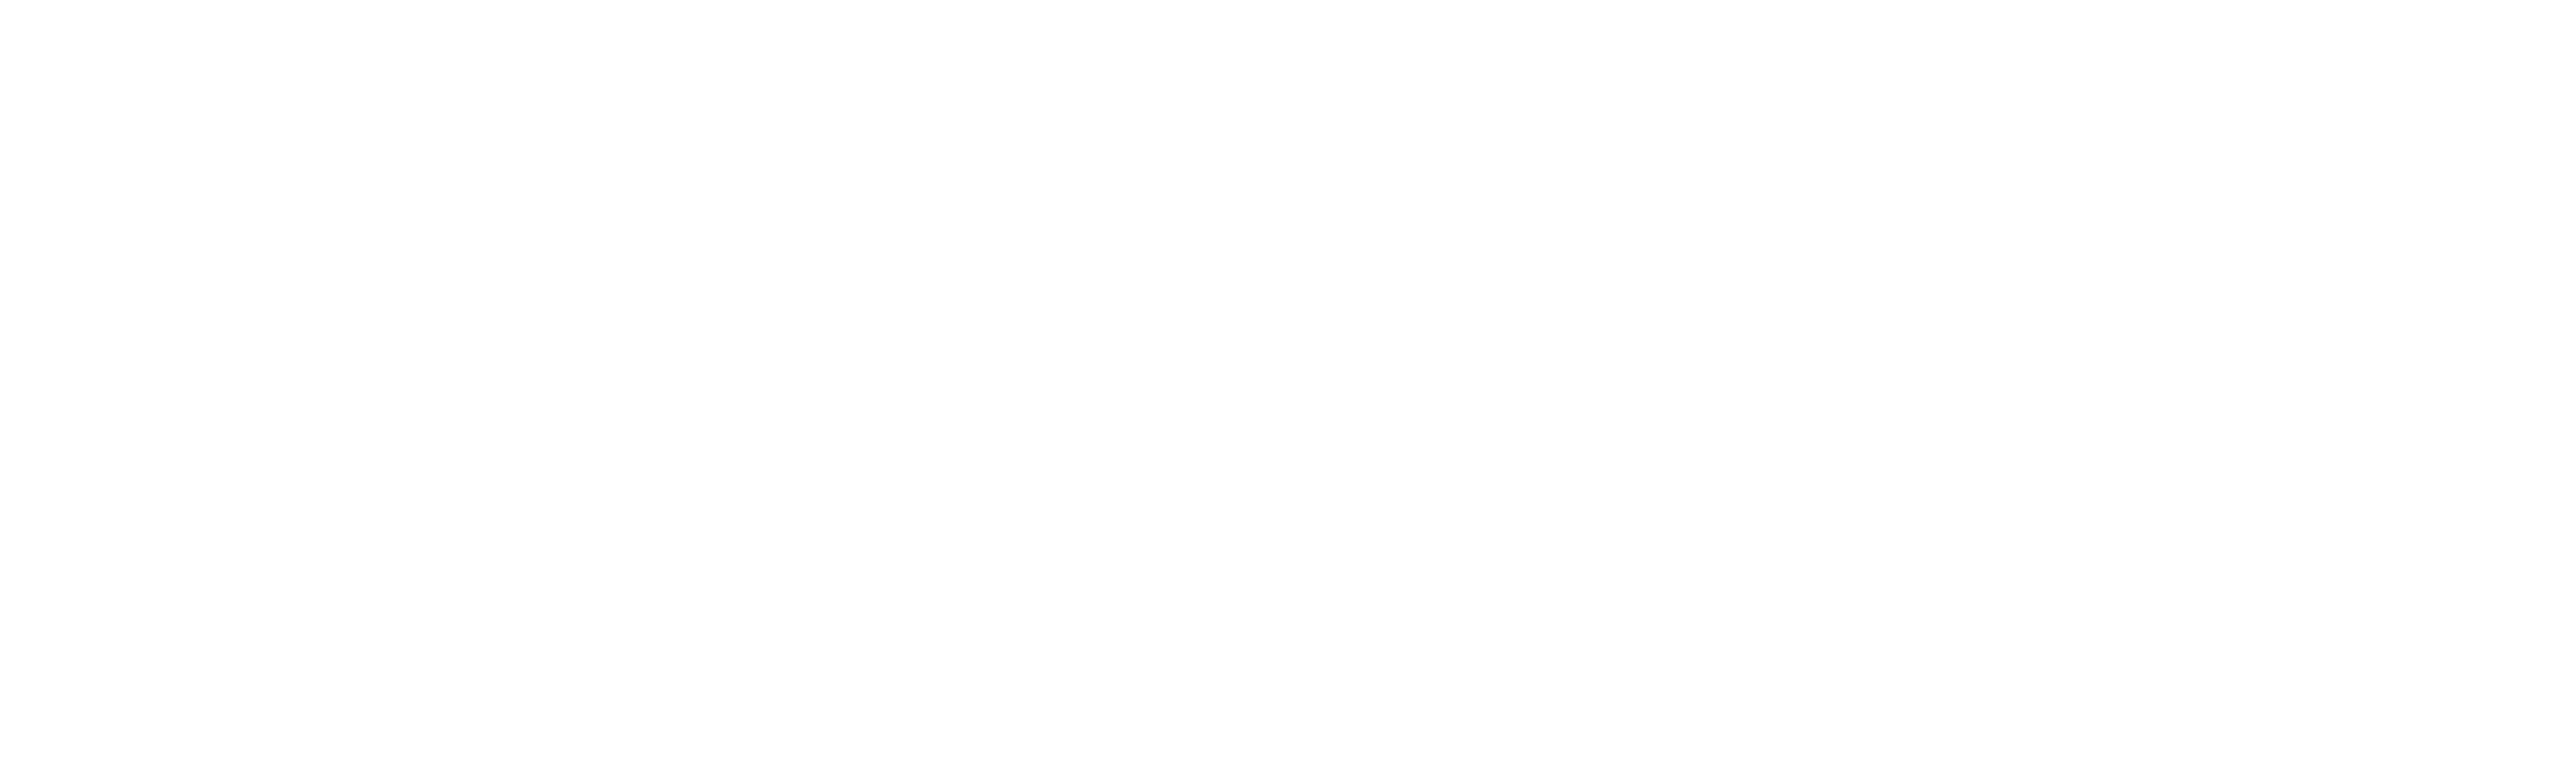 Gucci White Logo